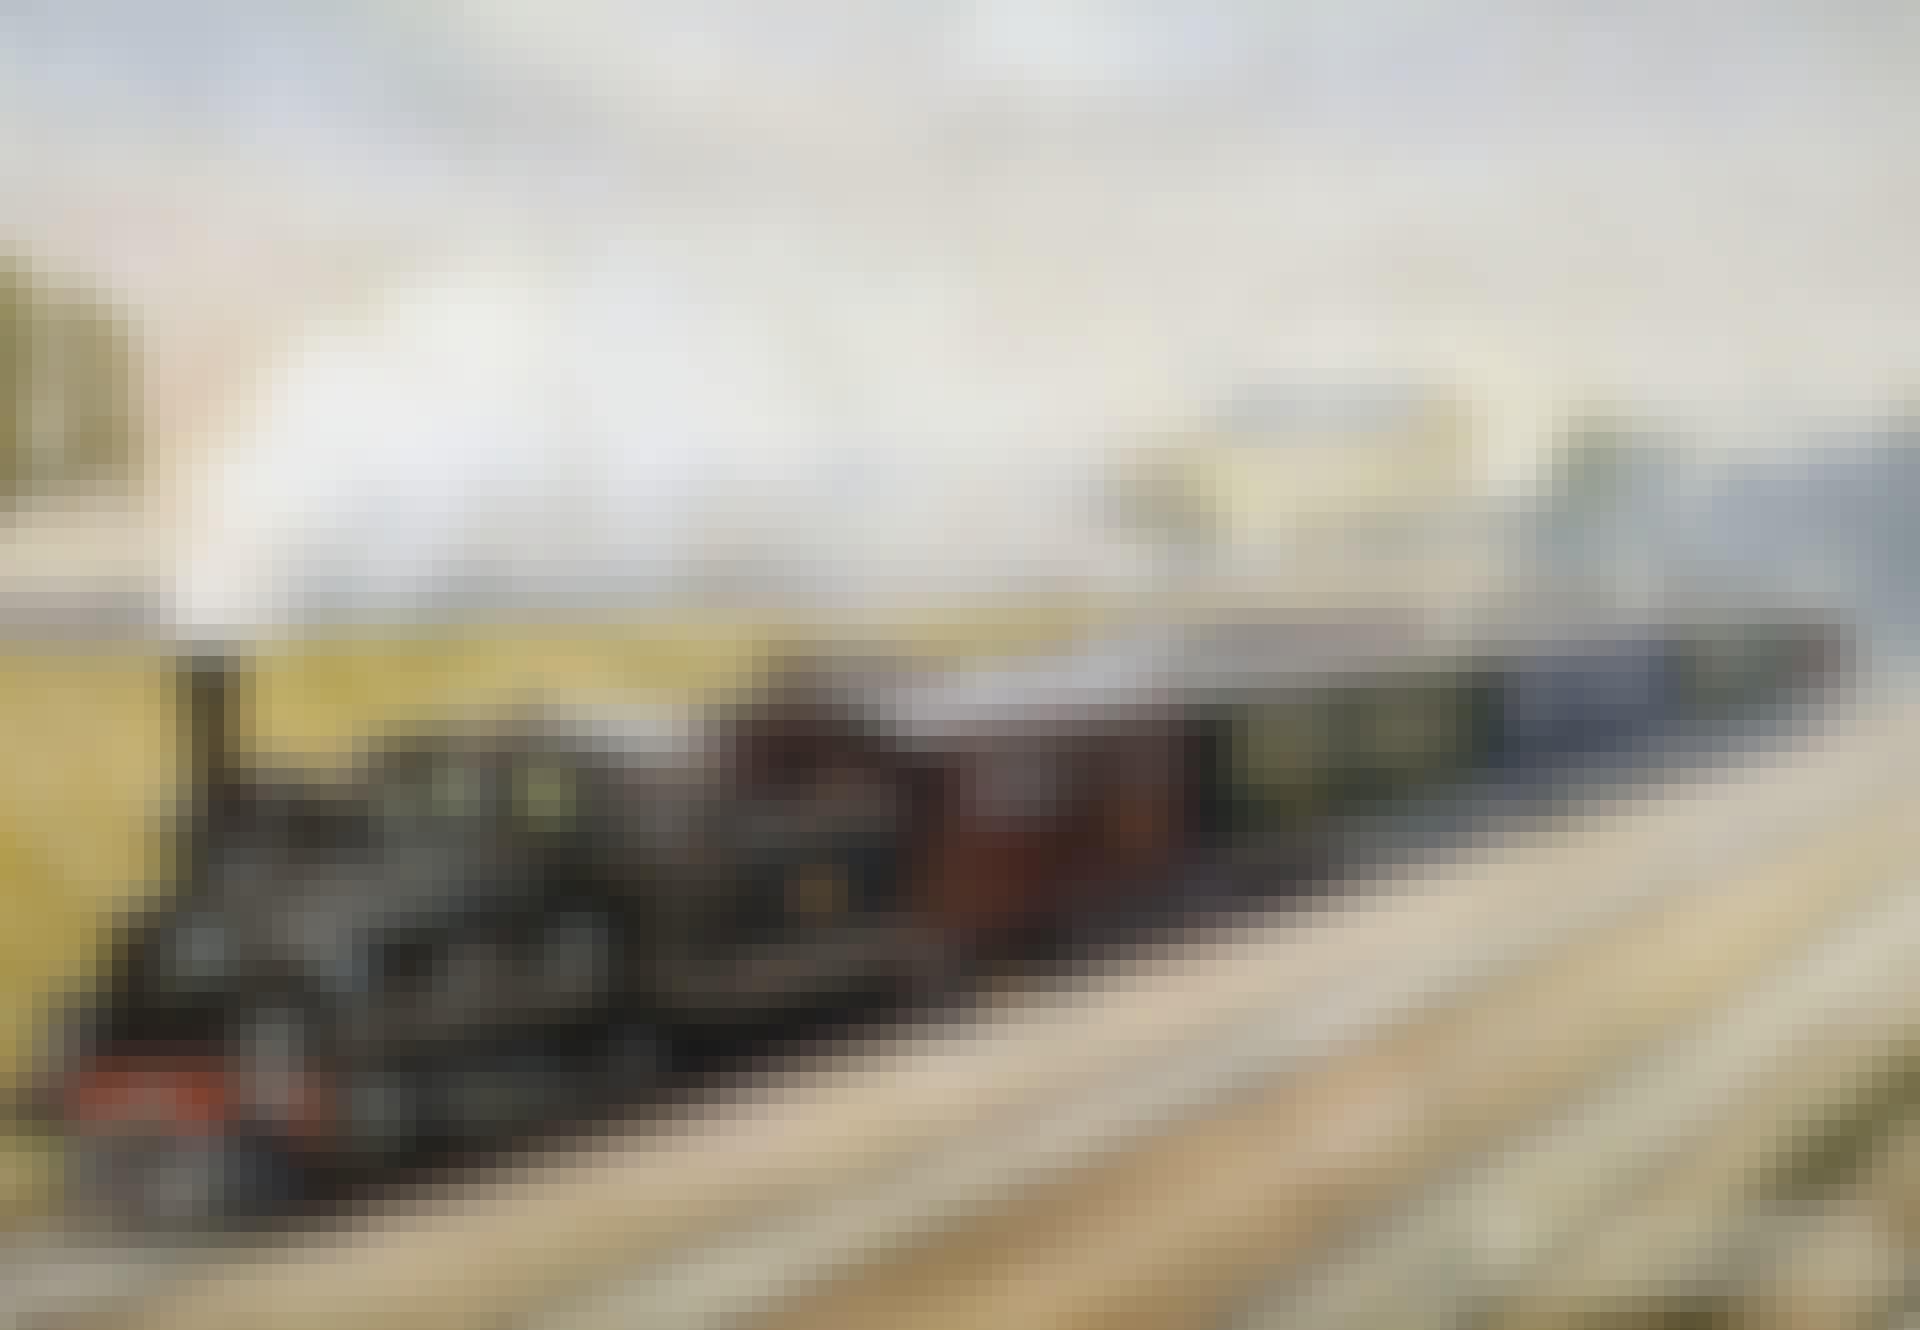 orient express 1907